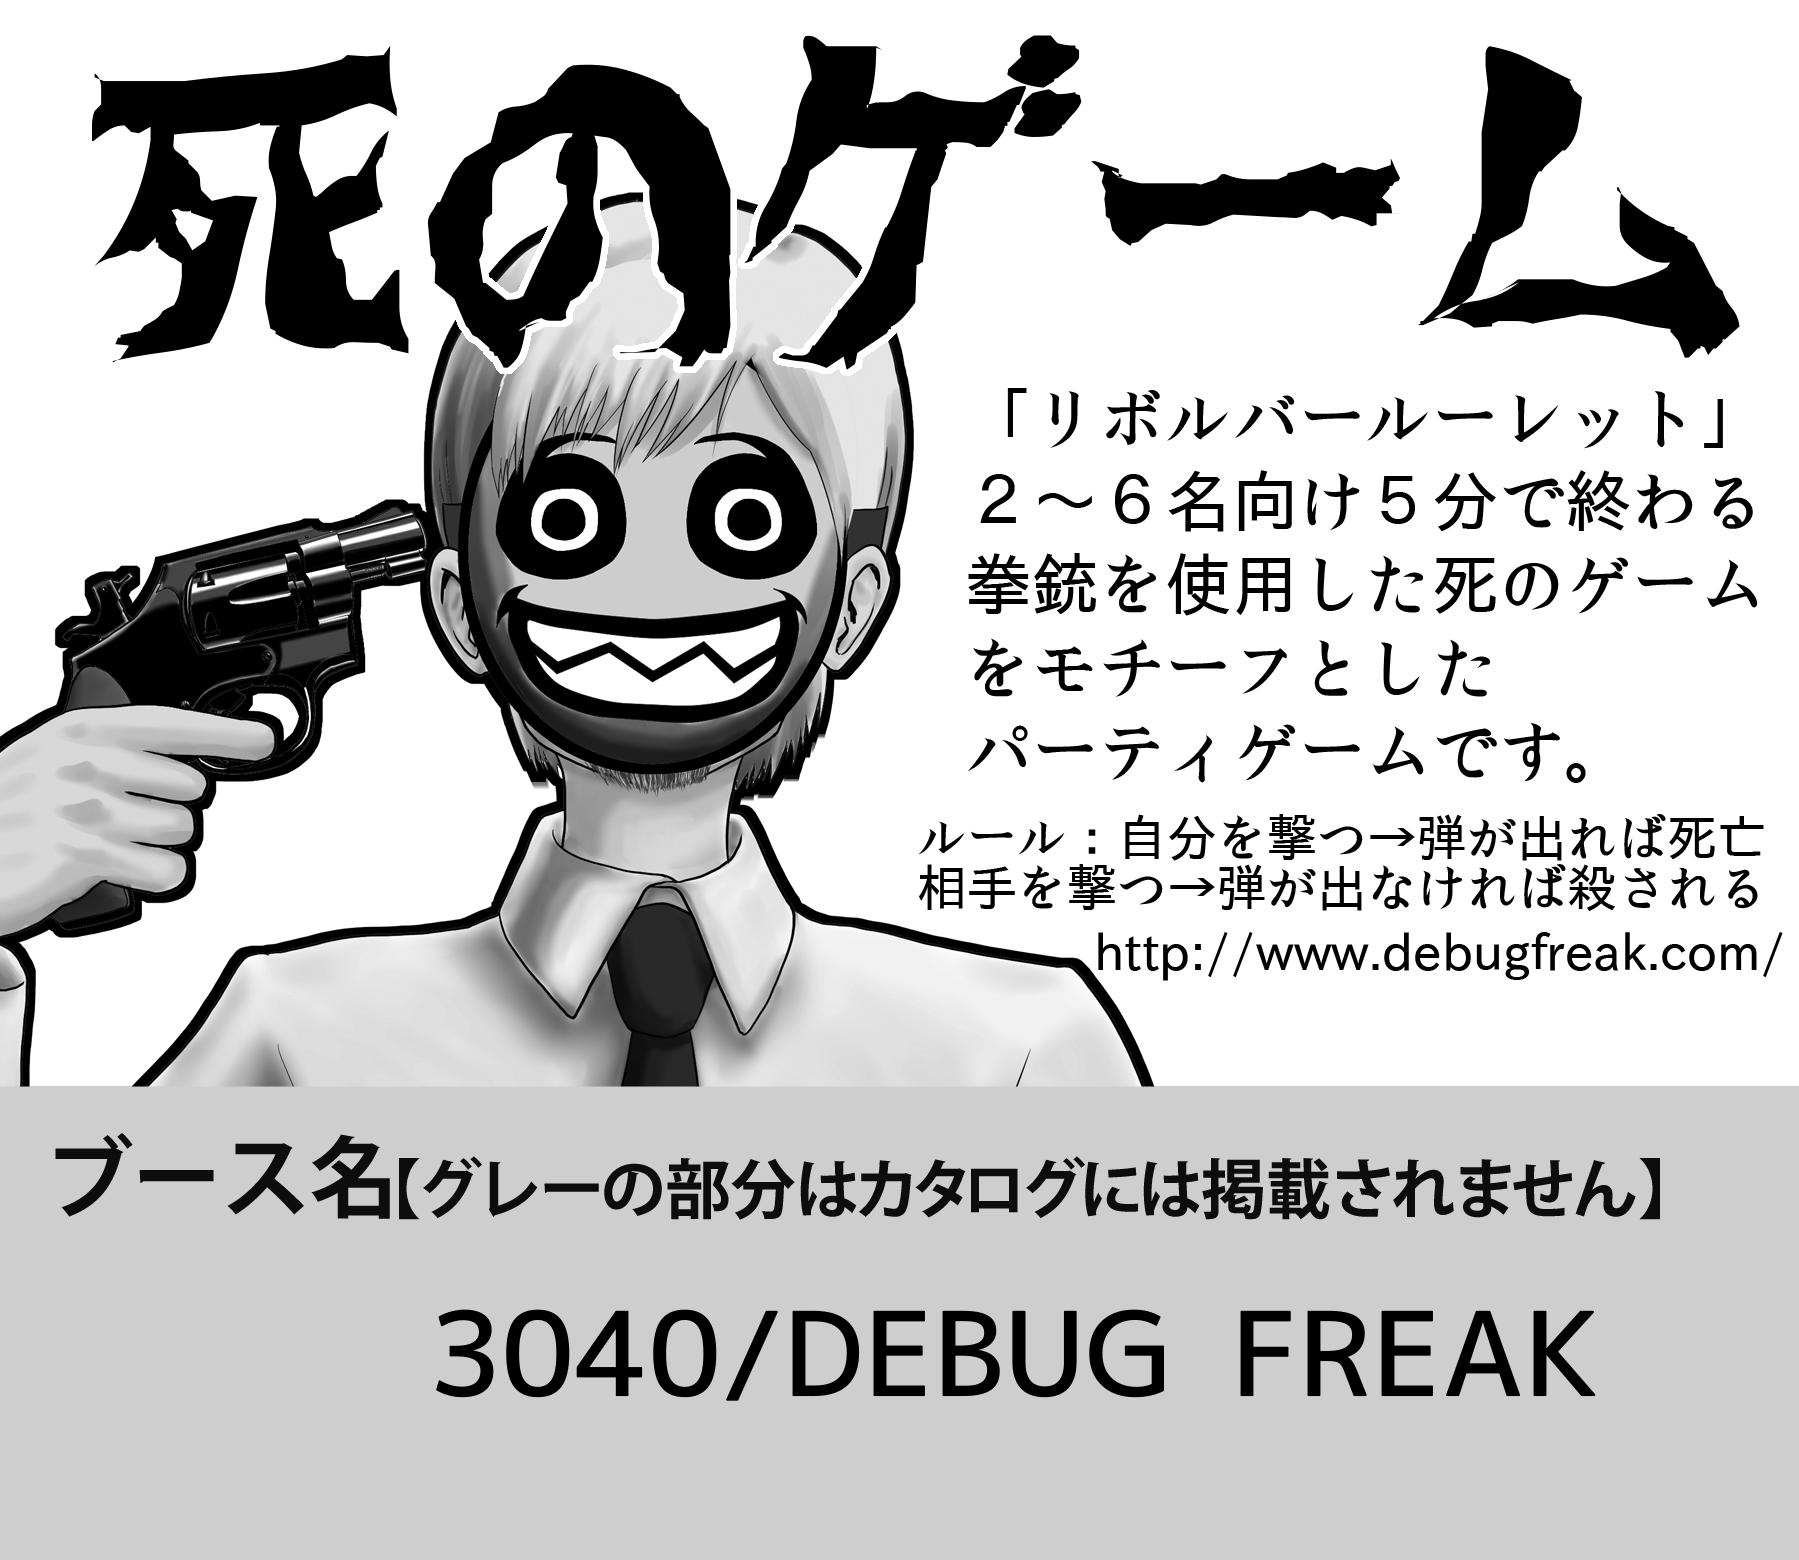 DEBUG FREAK画像